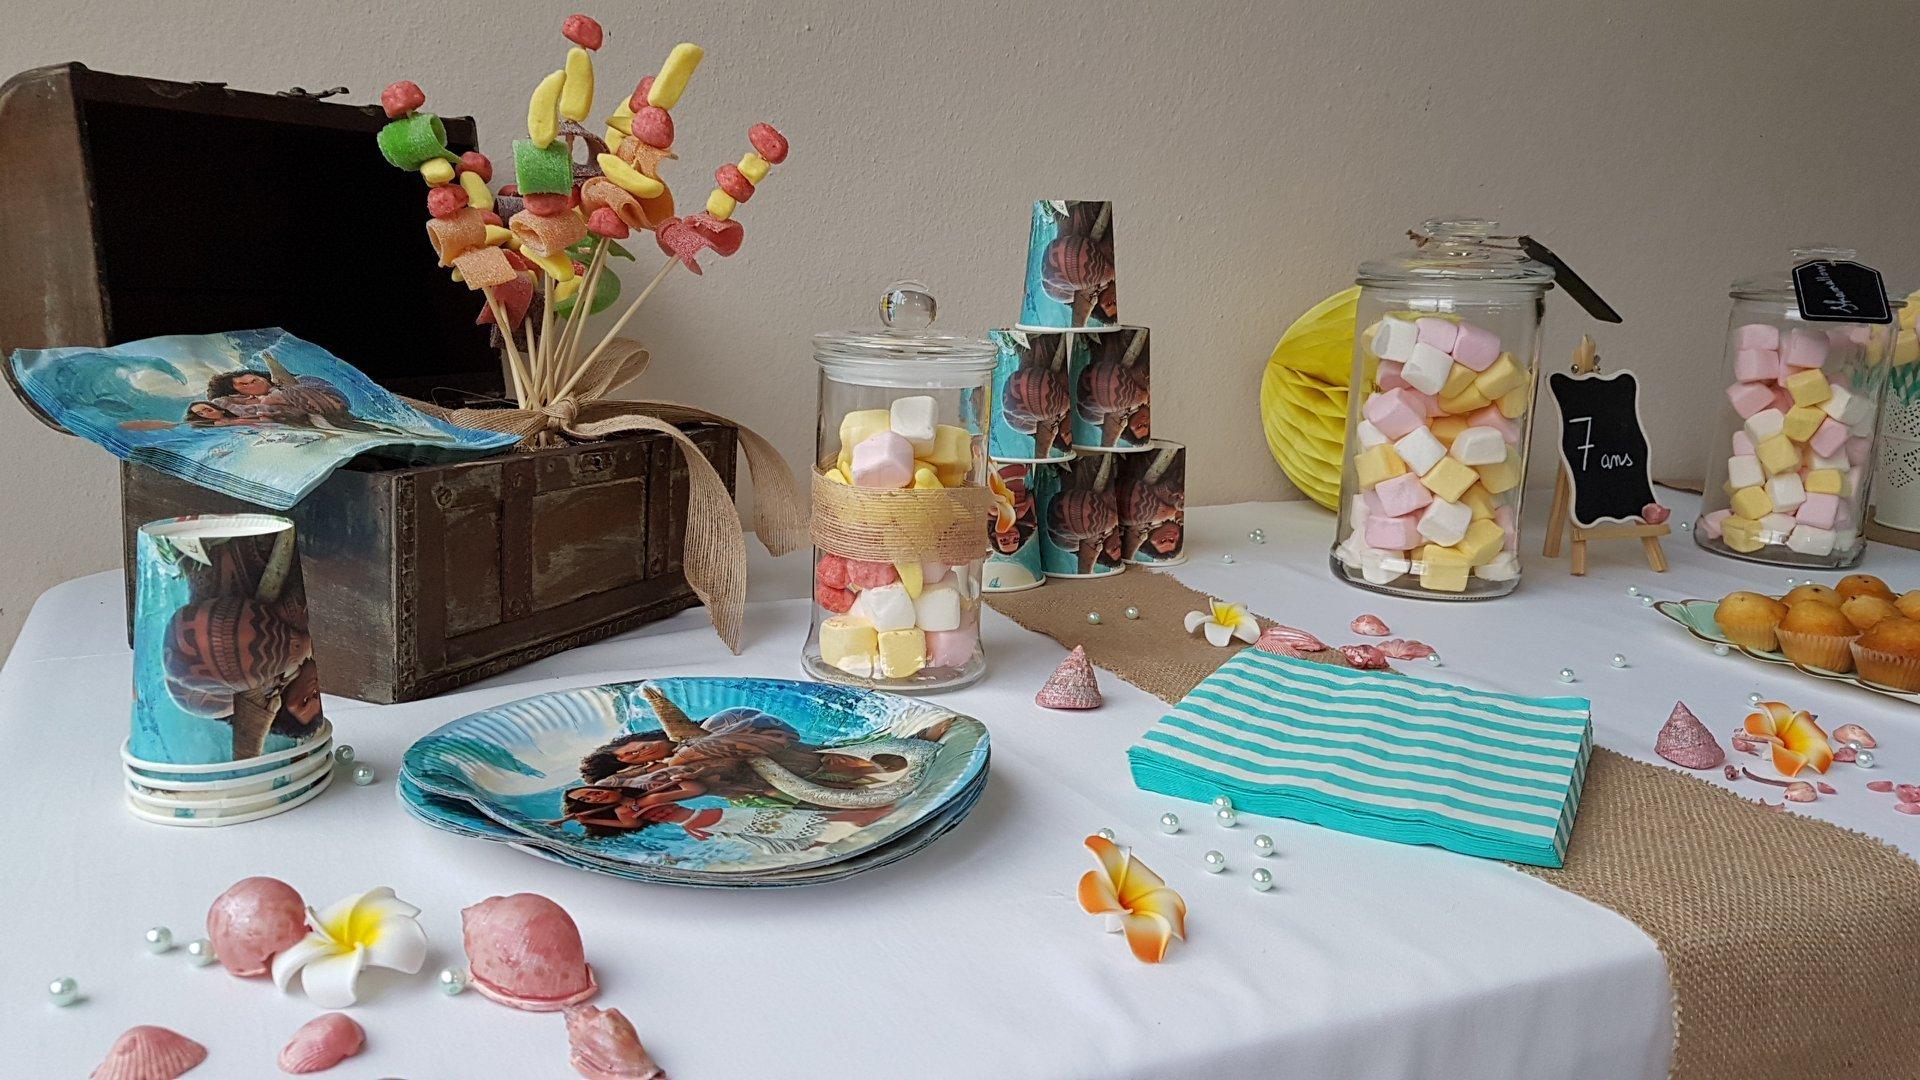 tendance boutik blog detendance boutik vente d 39 articles de decoration de mariage et anniversaire. Black Bedroom Furniture Sets. Home Design Ideas